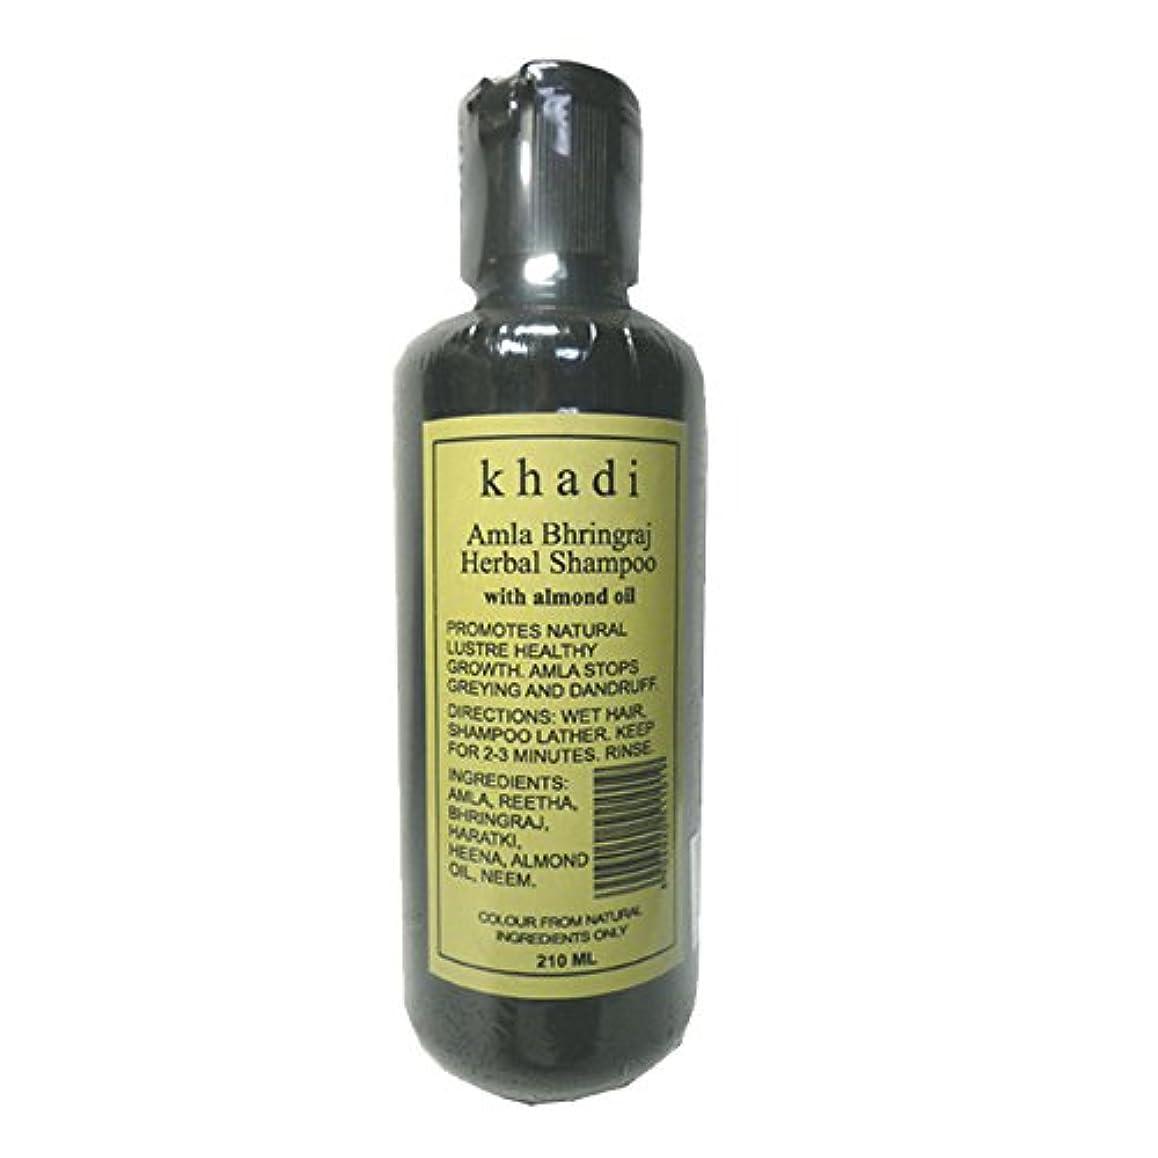 代替案カポック体細胞手作り  カーディ アムラ リーサ ハーバルシャンプー KHADI Amla Rertha  Herbal Shampoo(Amla Bhringraj Herbal Shampoo)